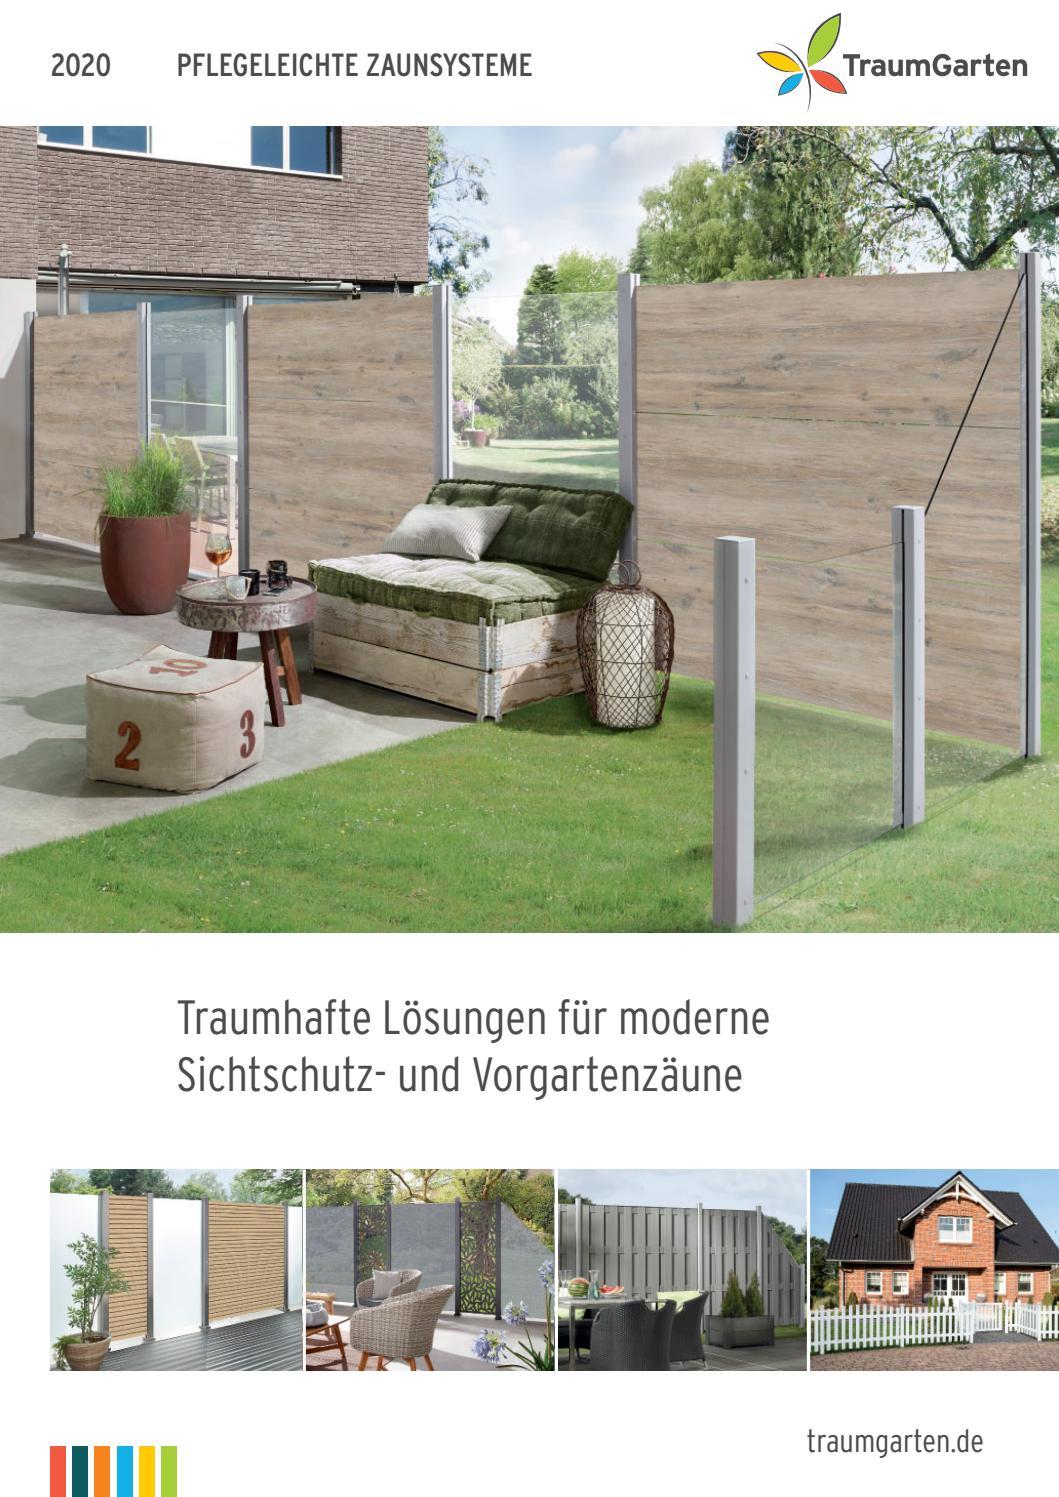 Holzland Koster Pflegeleichte Zaunsysteme Traumgarten By